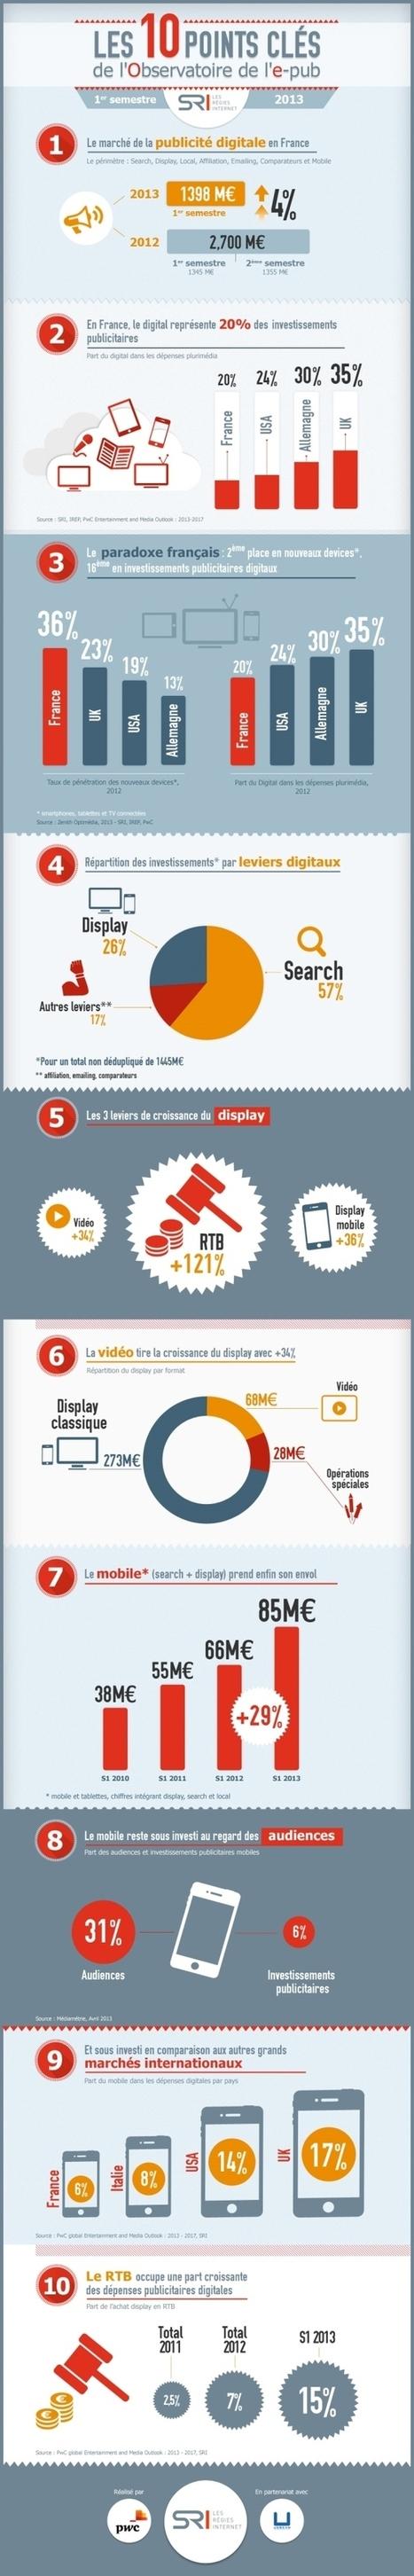 La publicité digitale, un marché à 2,8 milliard... | Ingénierie de la connaissance | Scoop.it